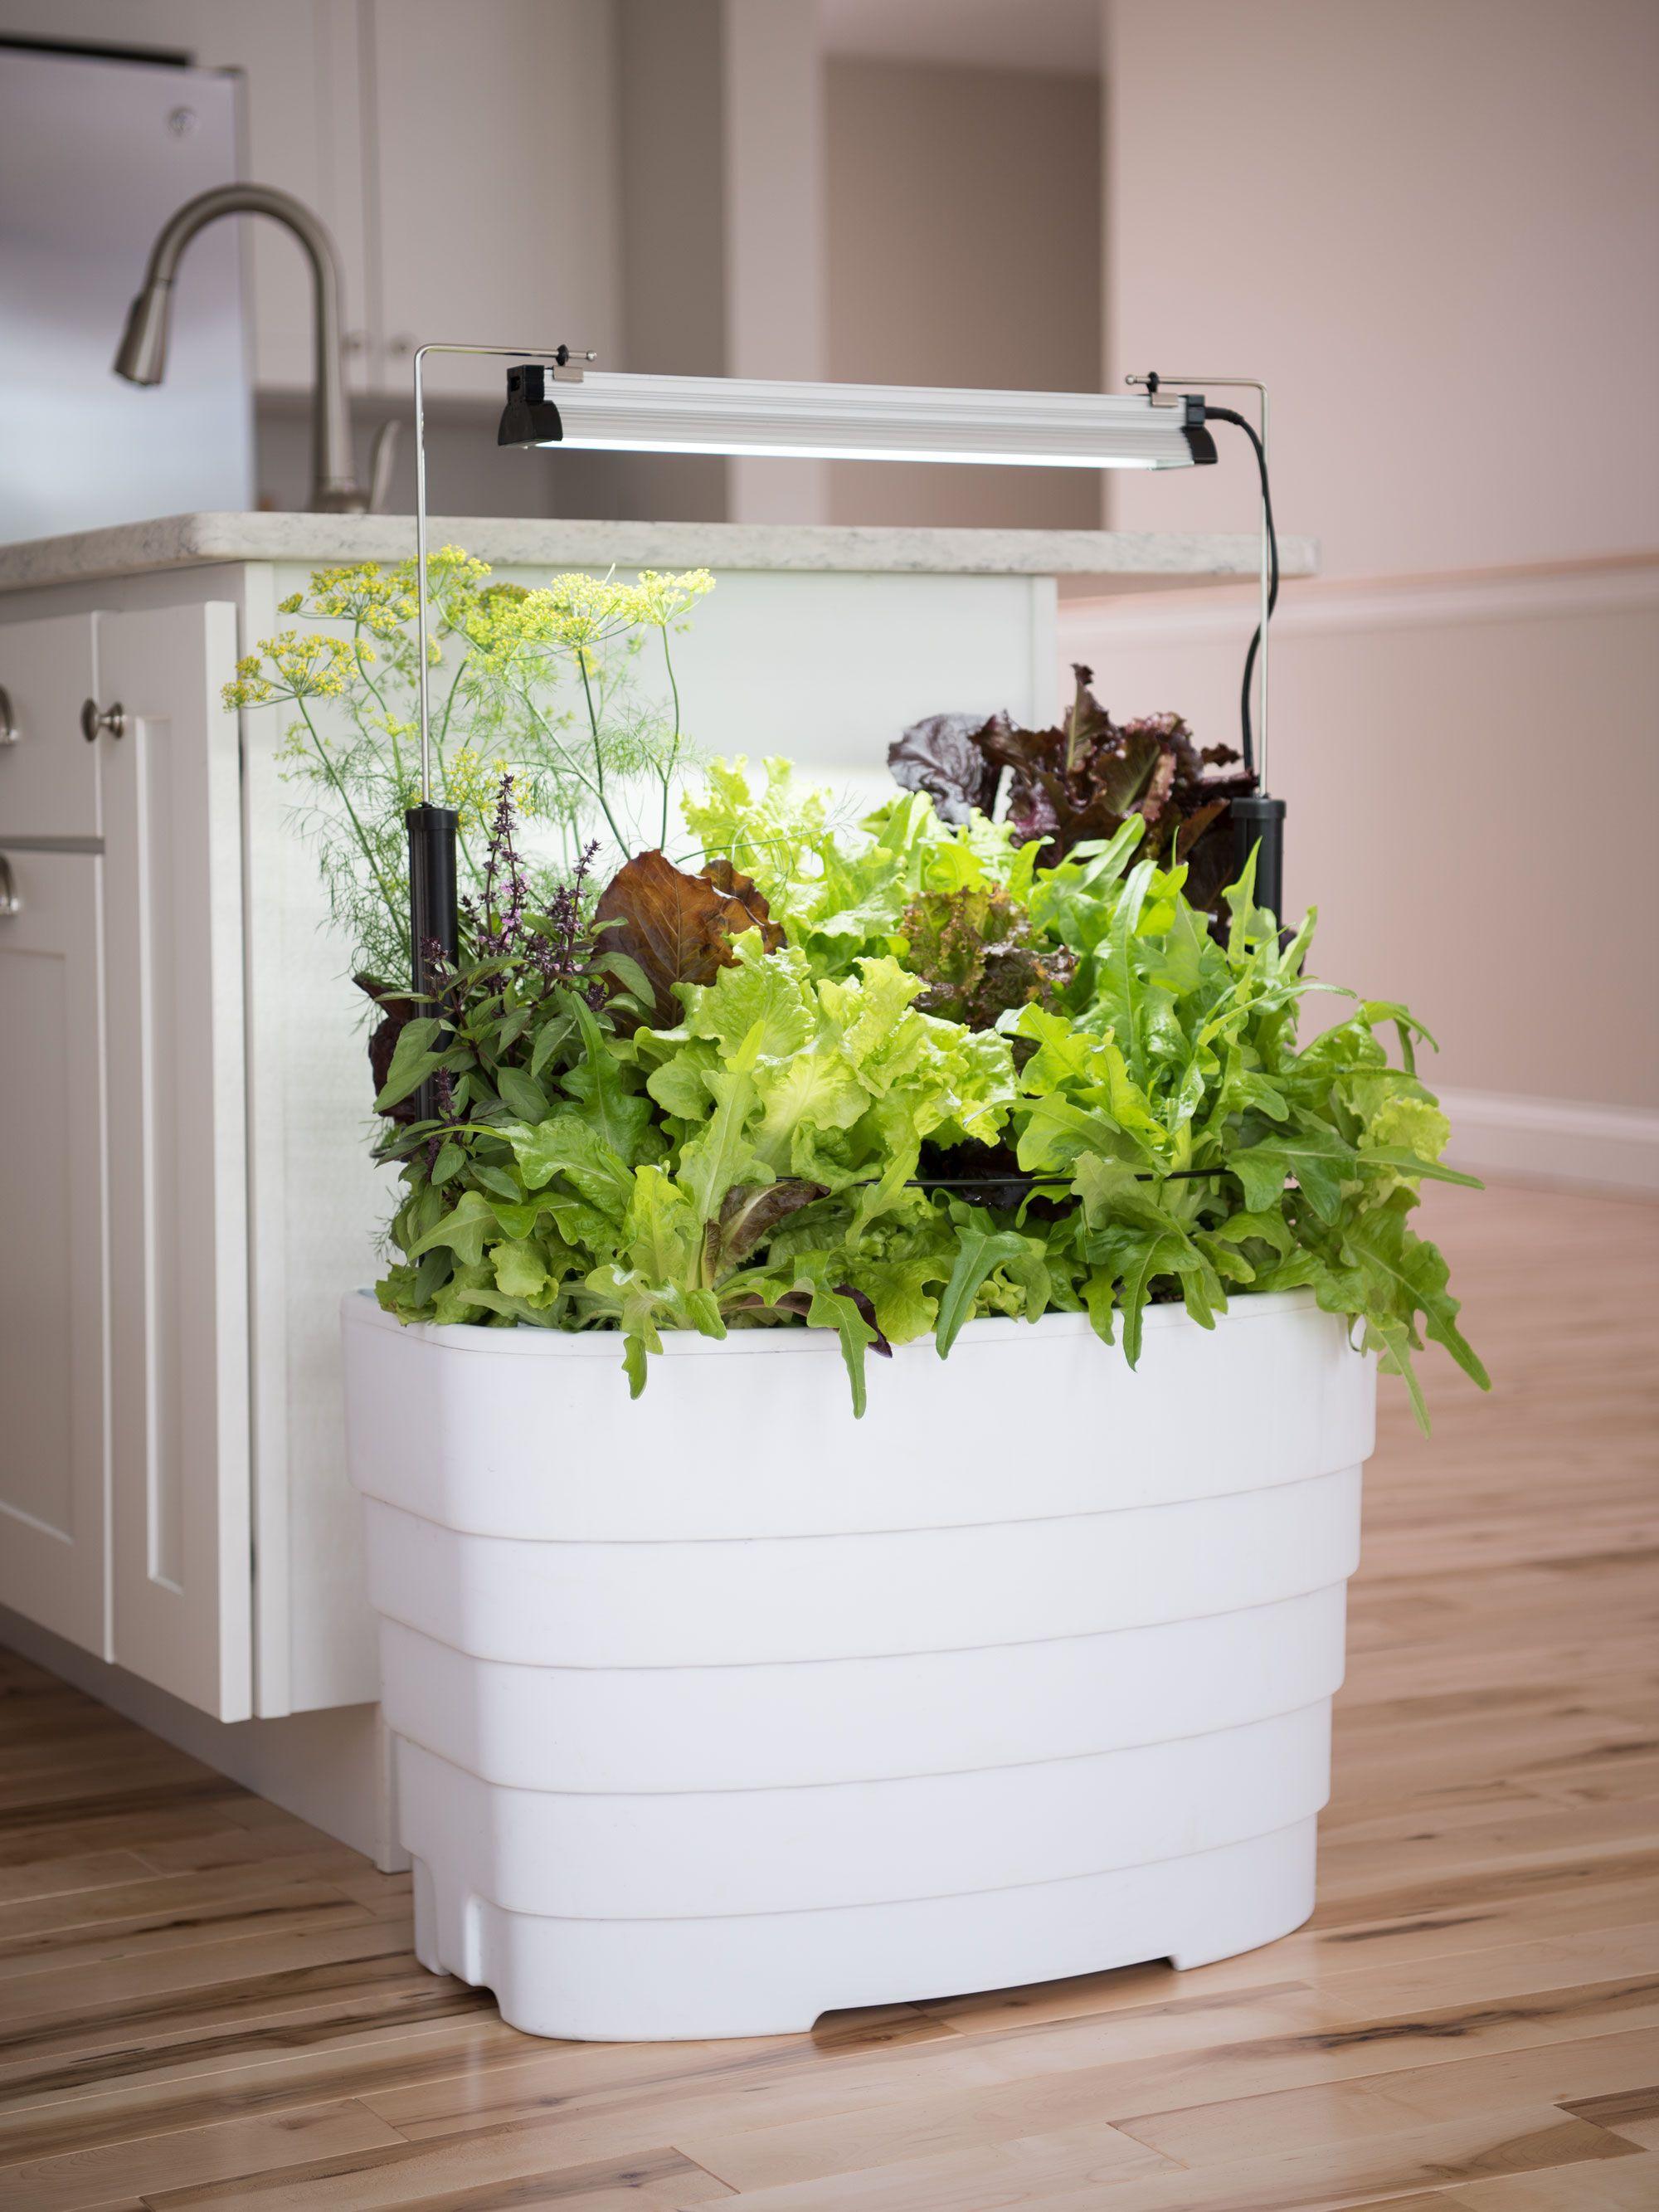 Gardener S Revolution Light Garden Kit Walmart Com Led Grow Lights Indoor Vegetable Gardening Indoor Vegetables